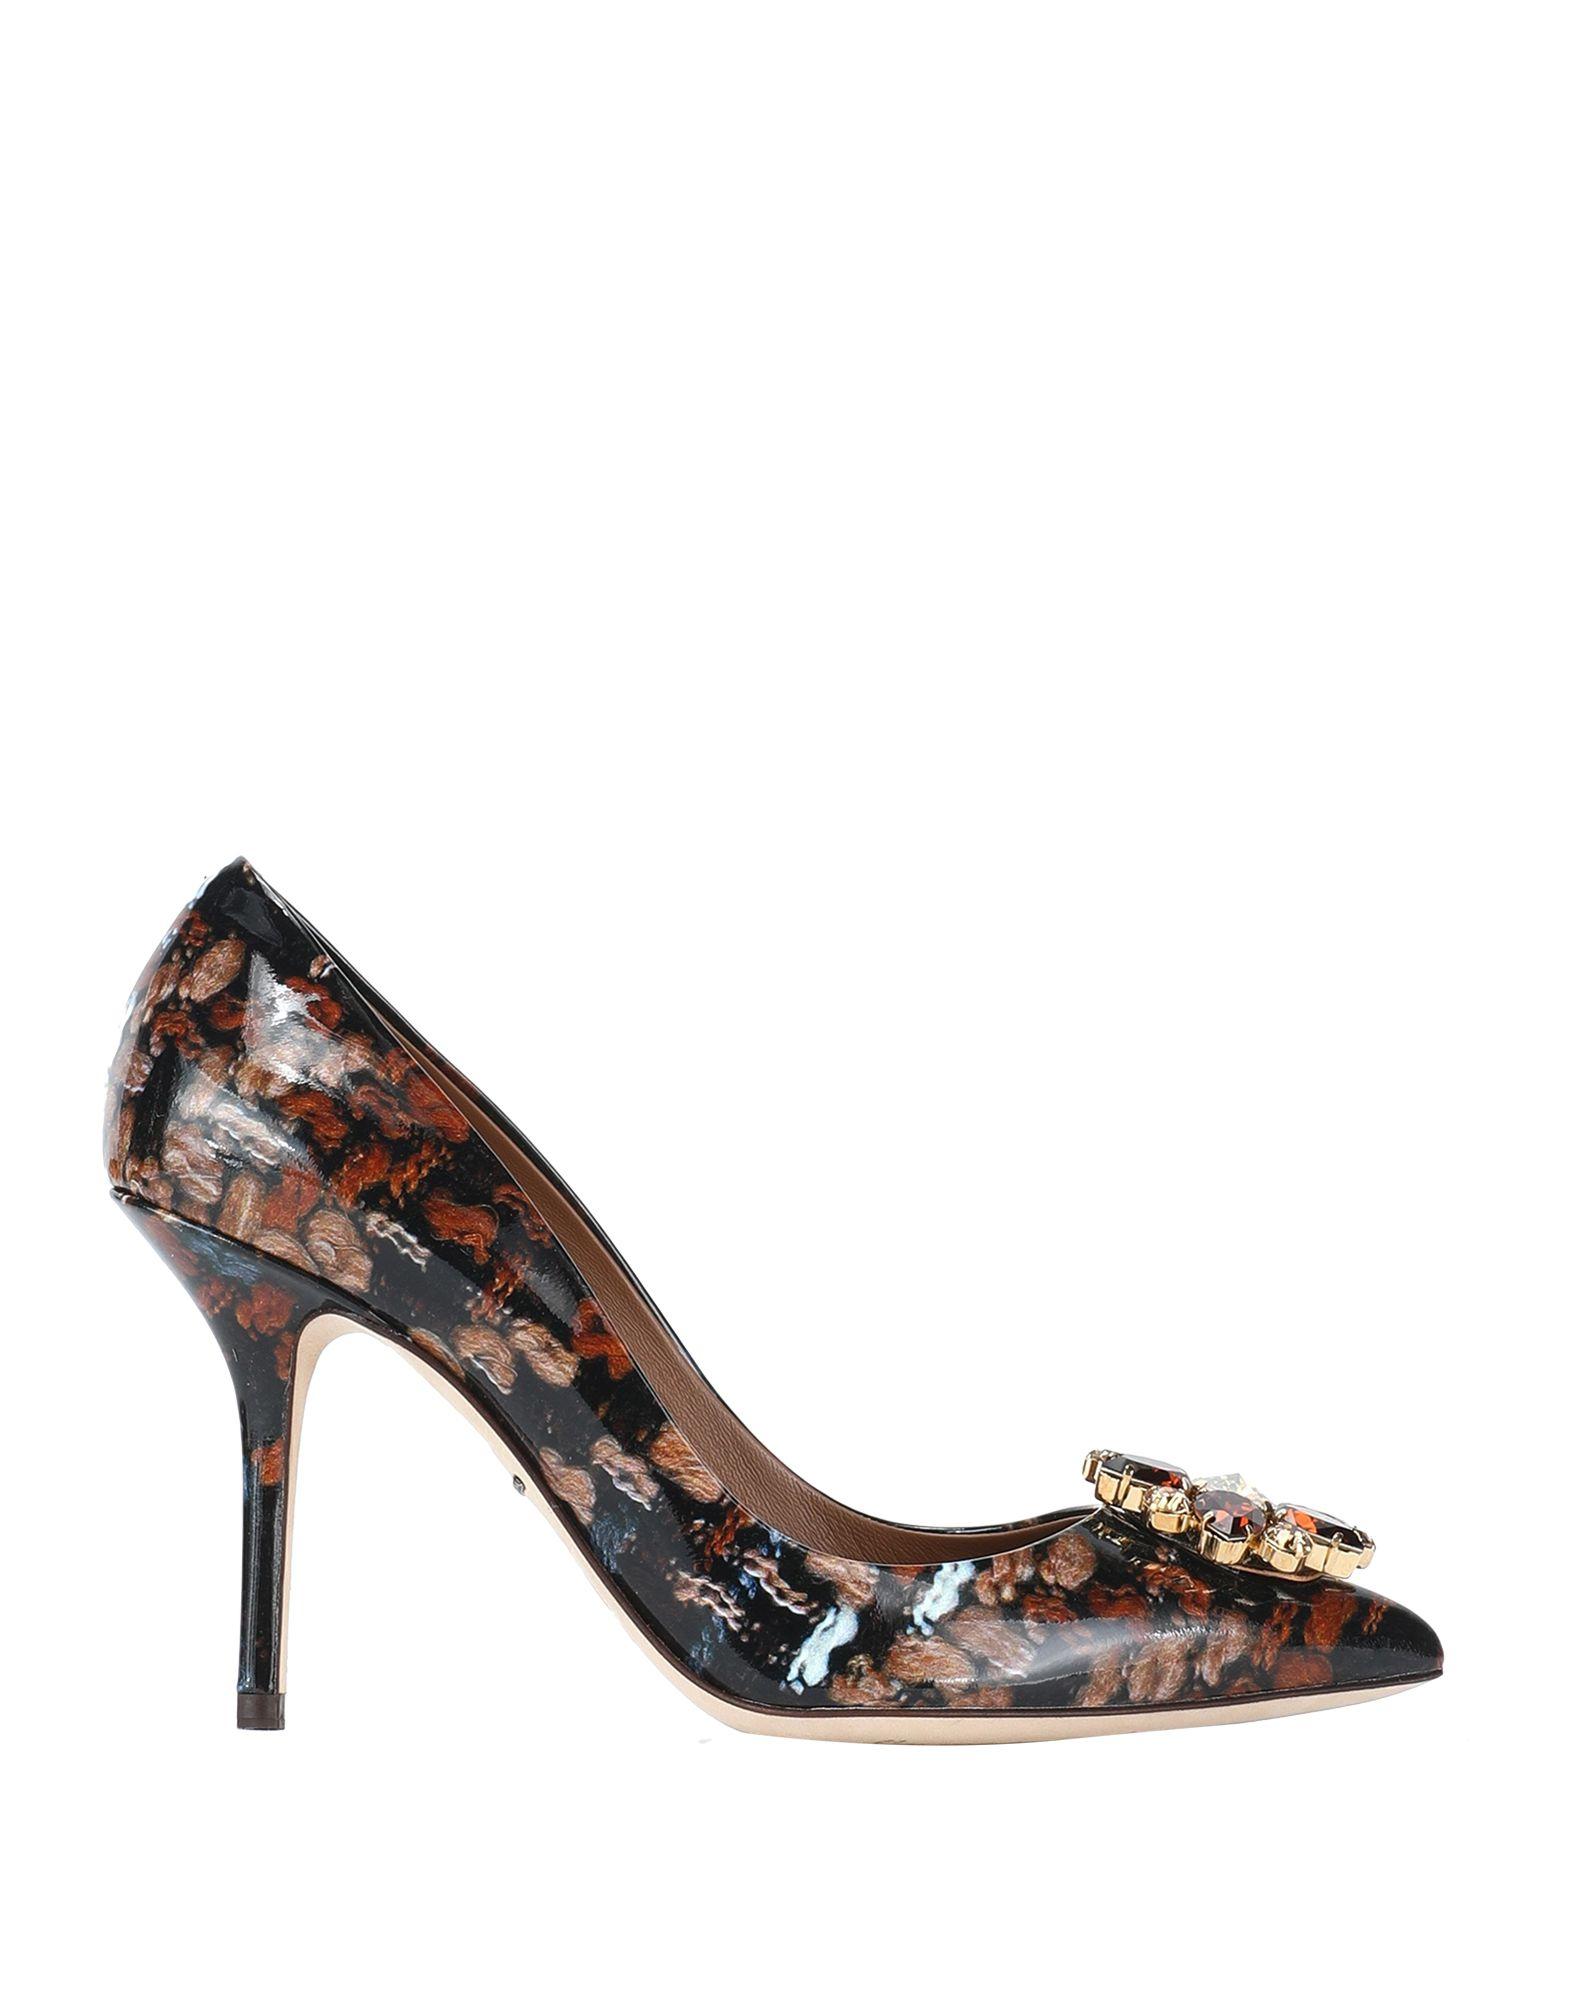 Dolce & Gabbana Pumps Damen Schuhe  11485168PNGünstige gut aussehende Schuhe Damen 5283aa